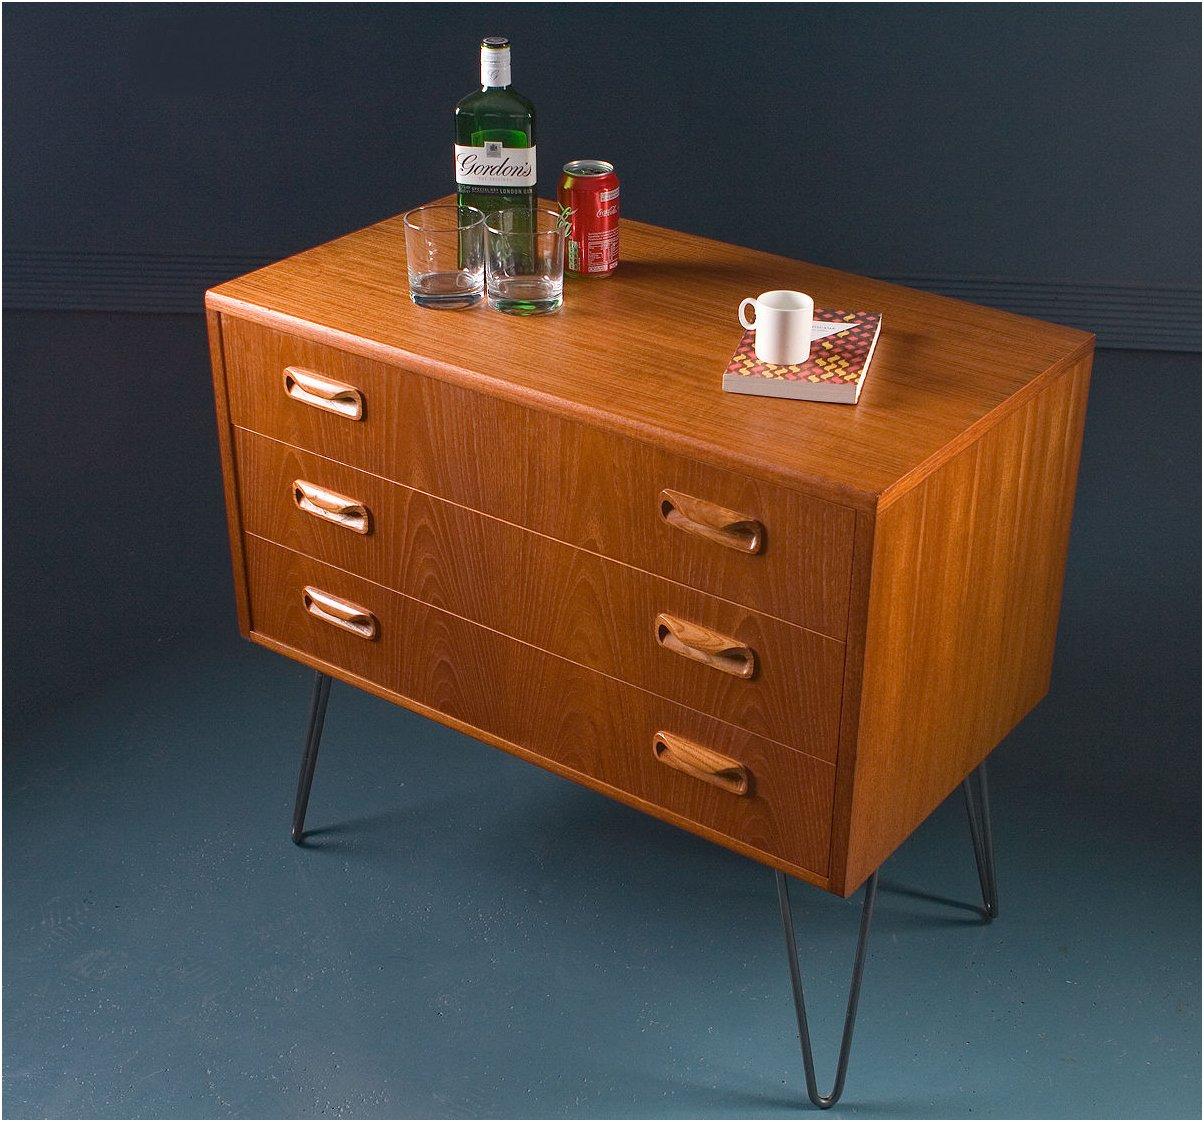 petite commode tiroirs vintage de g plan royaume uni en vente sur pamono. Black Bedroom Furniture Sets. Home Design Ideas